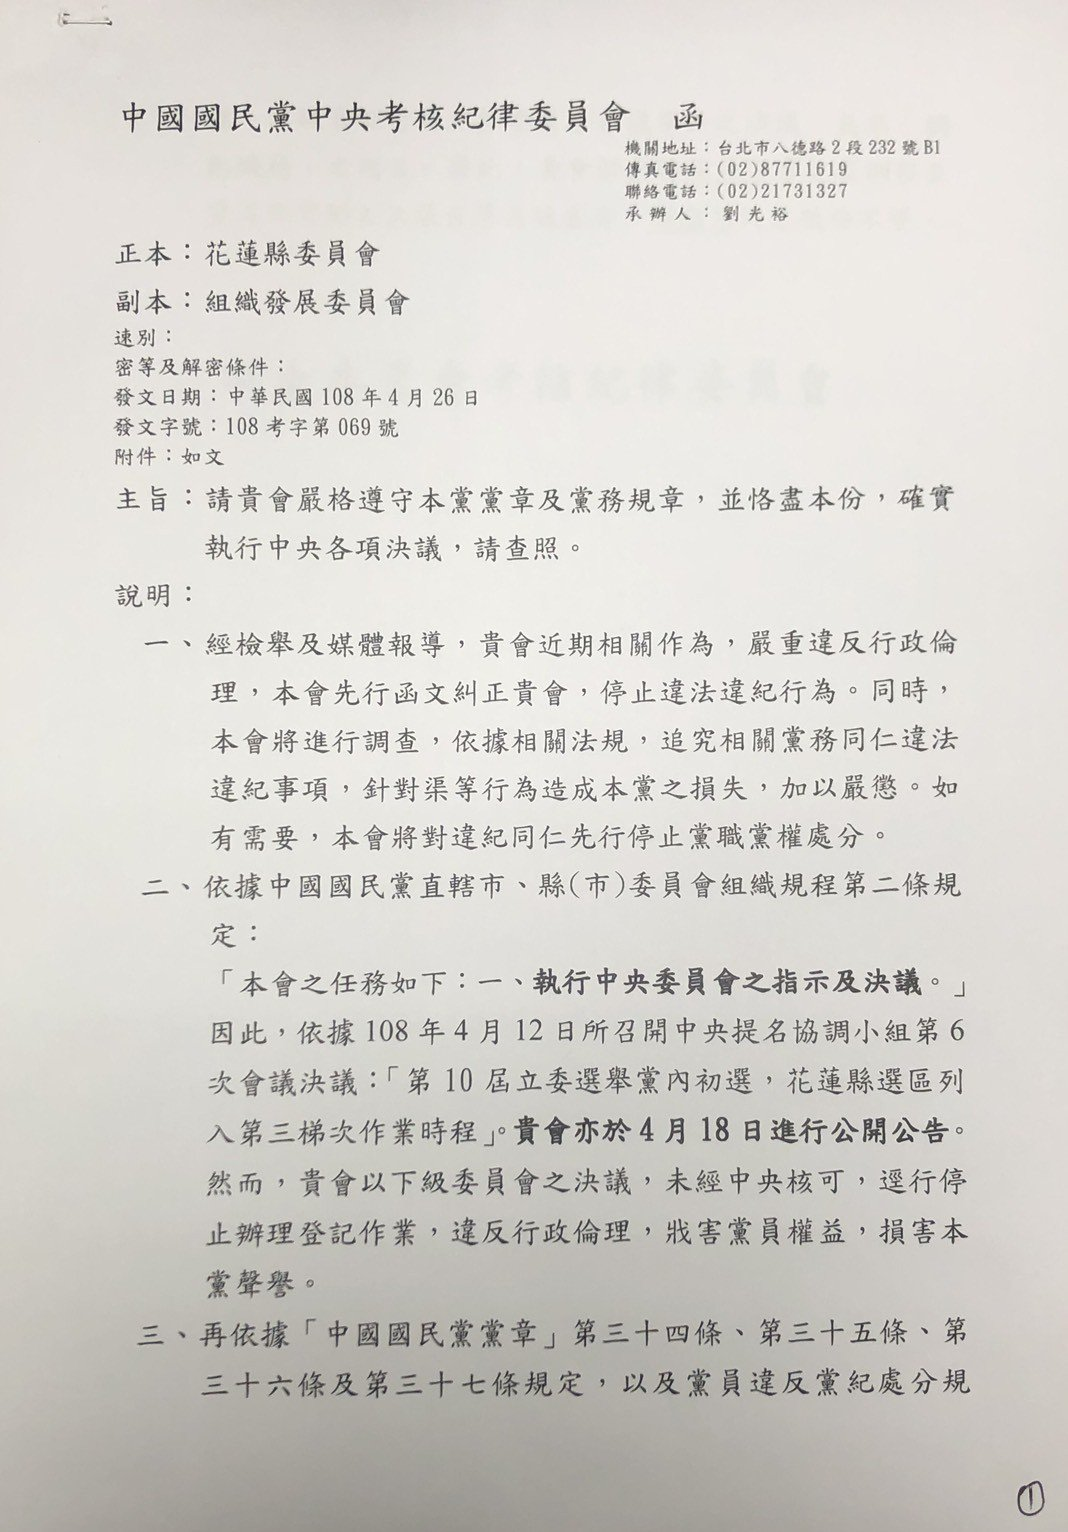 國民黨中央考紀會今天行文縣黨部,警告停止違法違紀行為。記者王燕華/翻攝